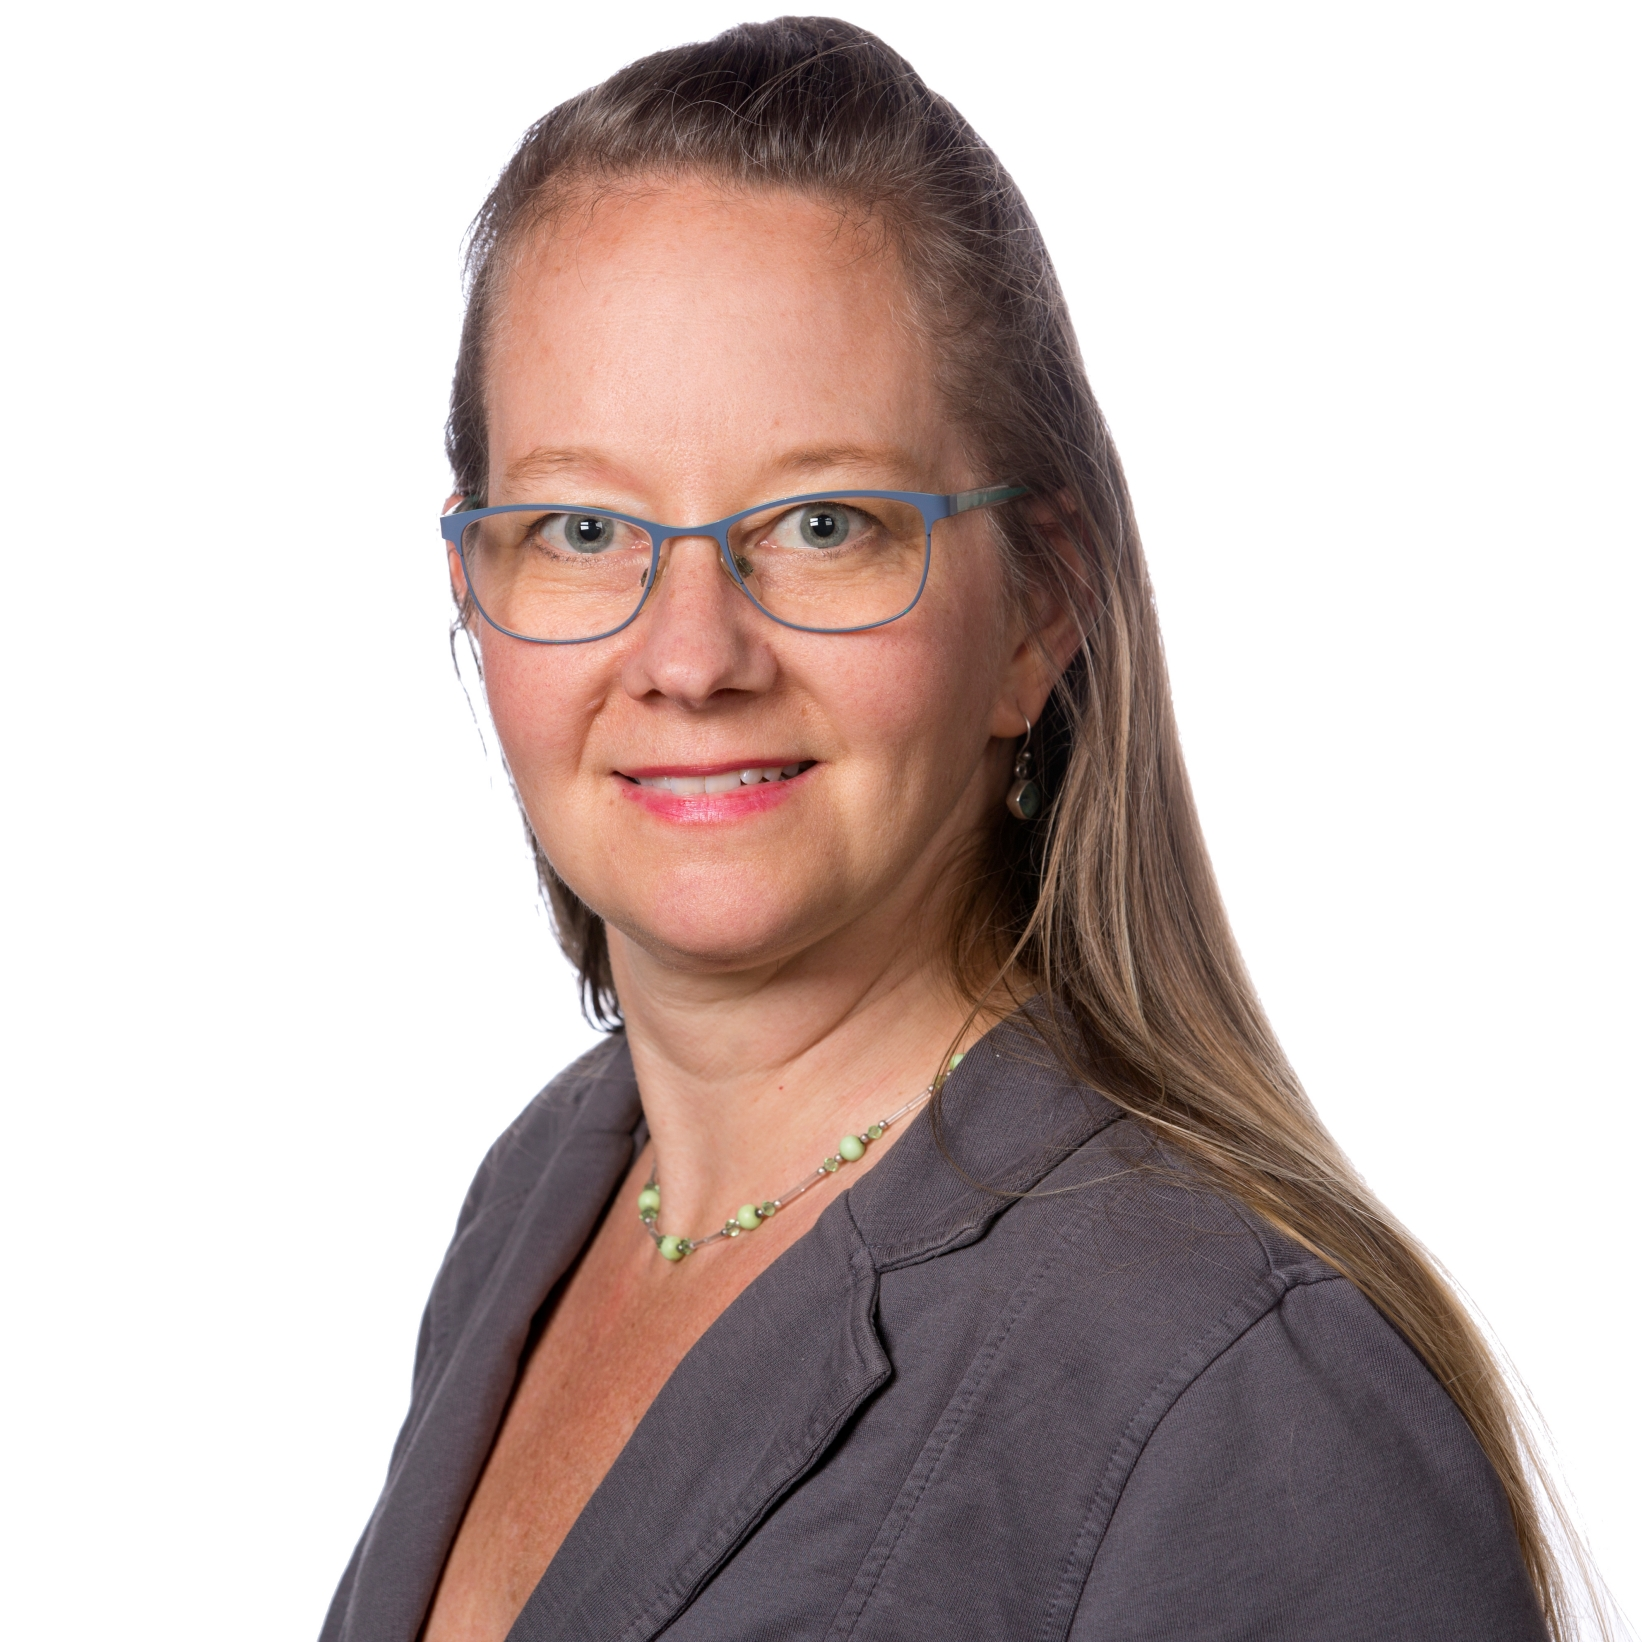 Ester Höhle, M.A.